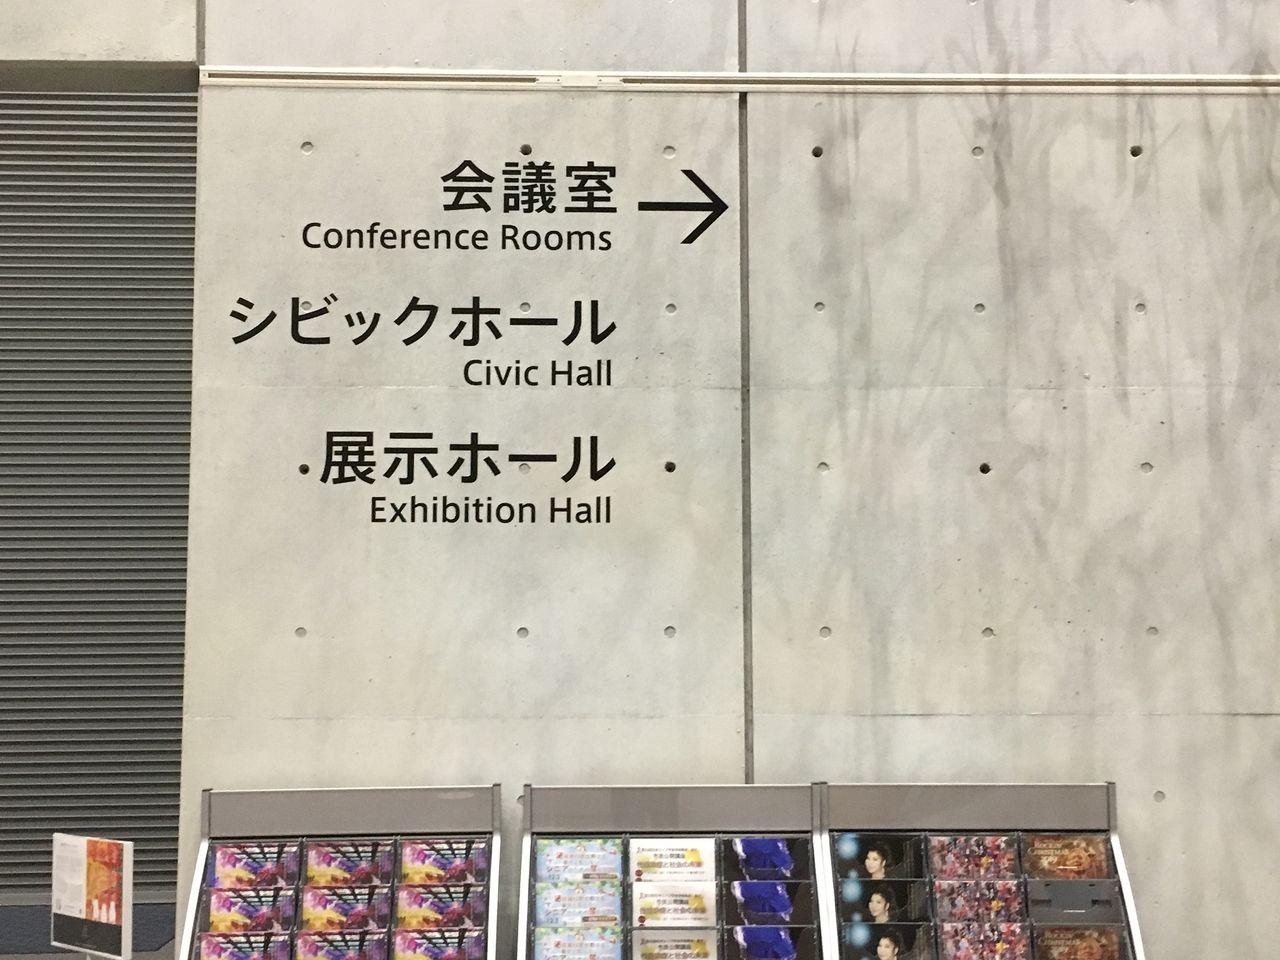 会議室・シビックホール・展示室の案内表示